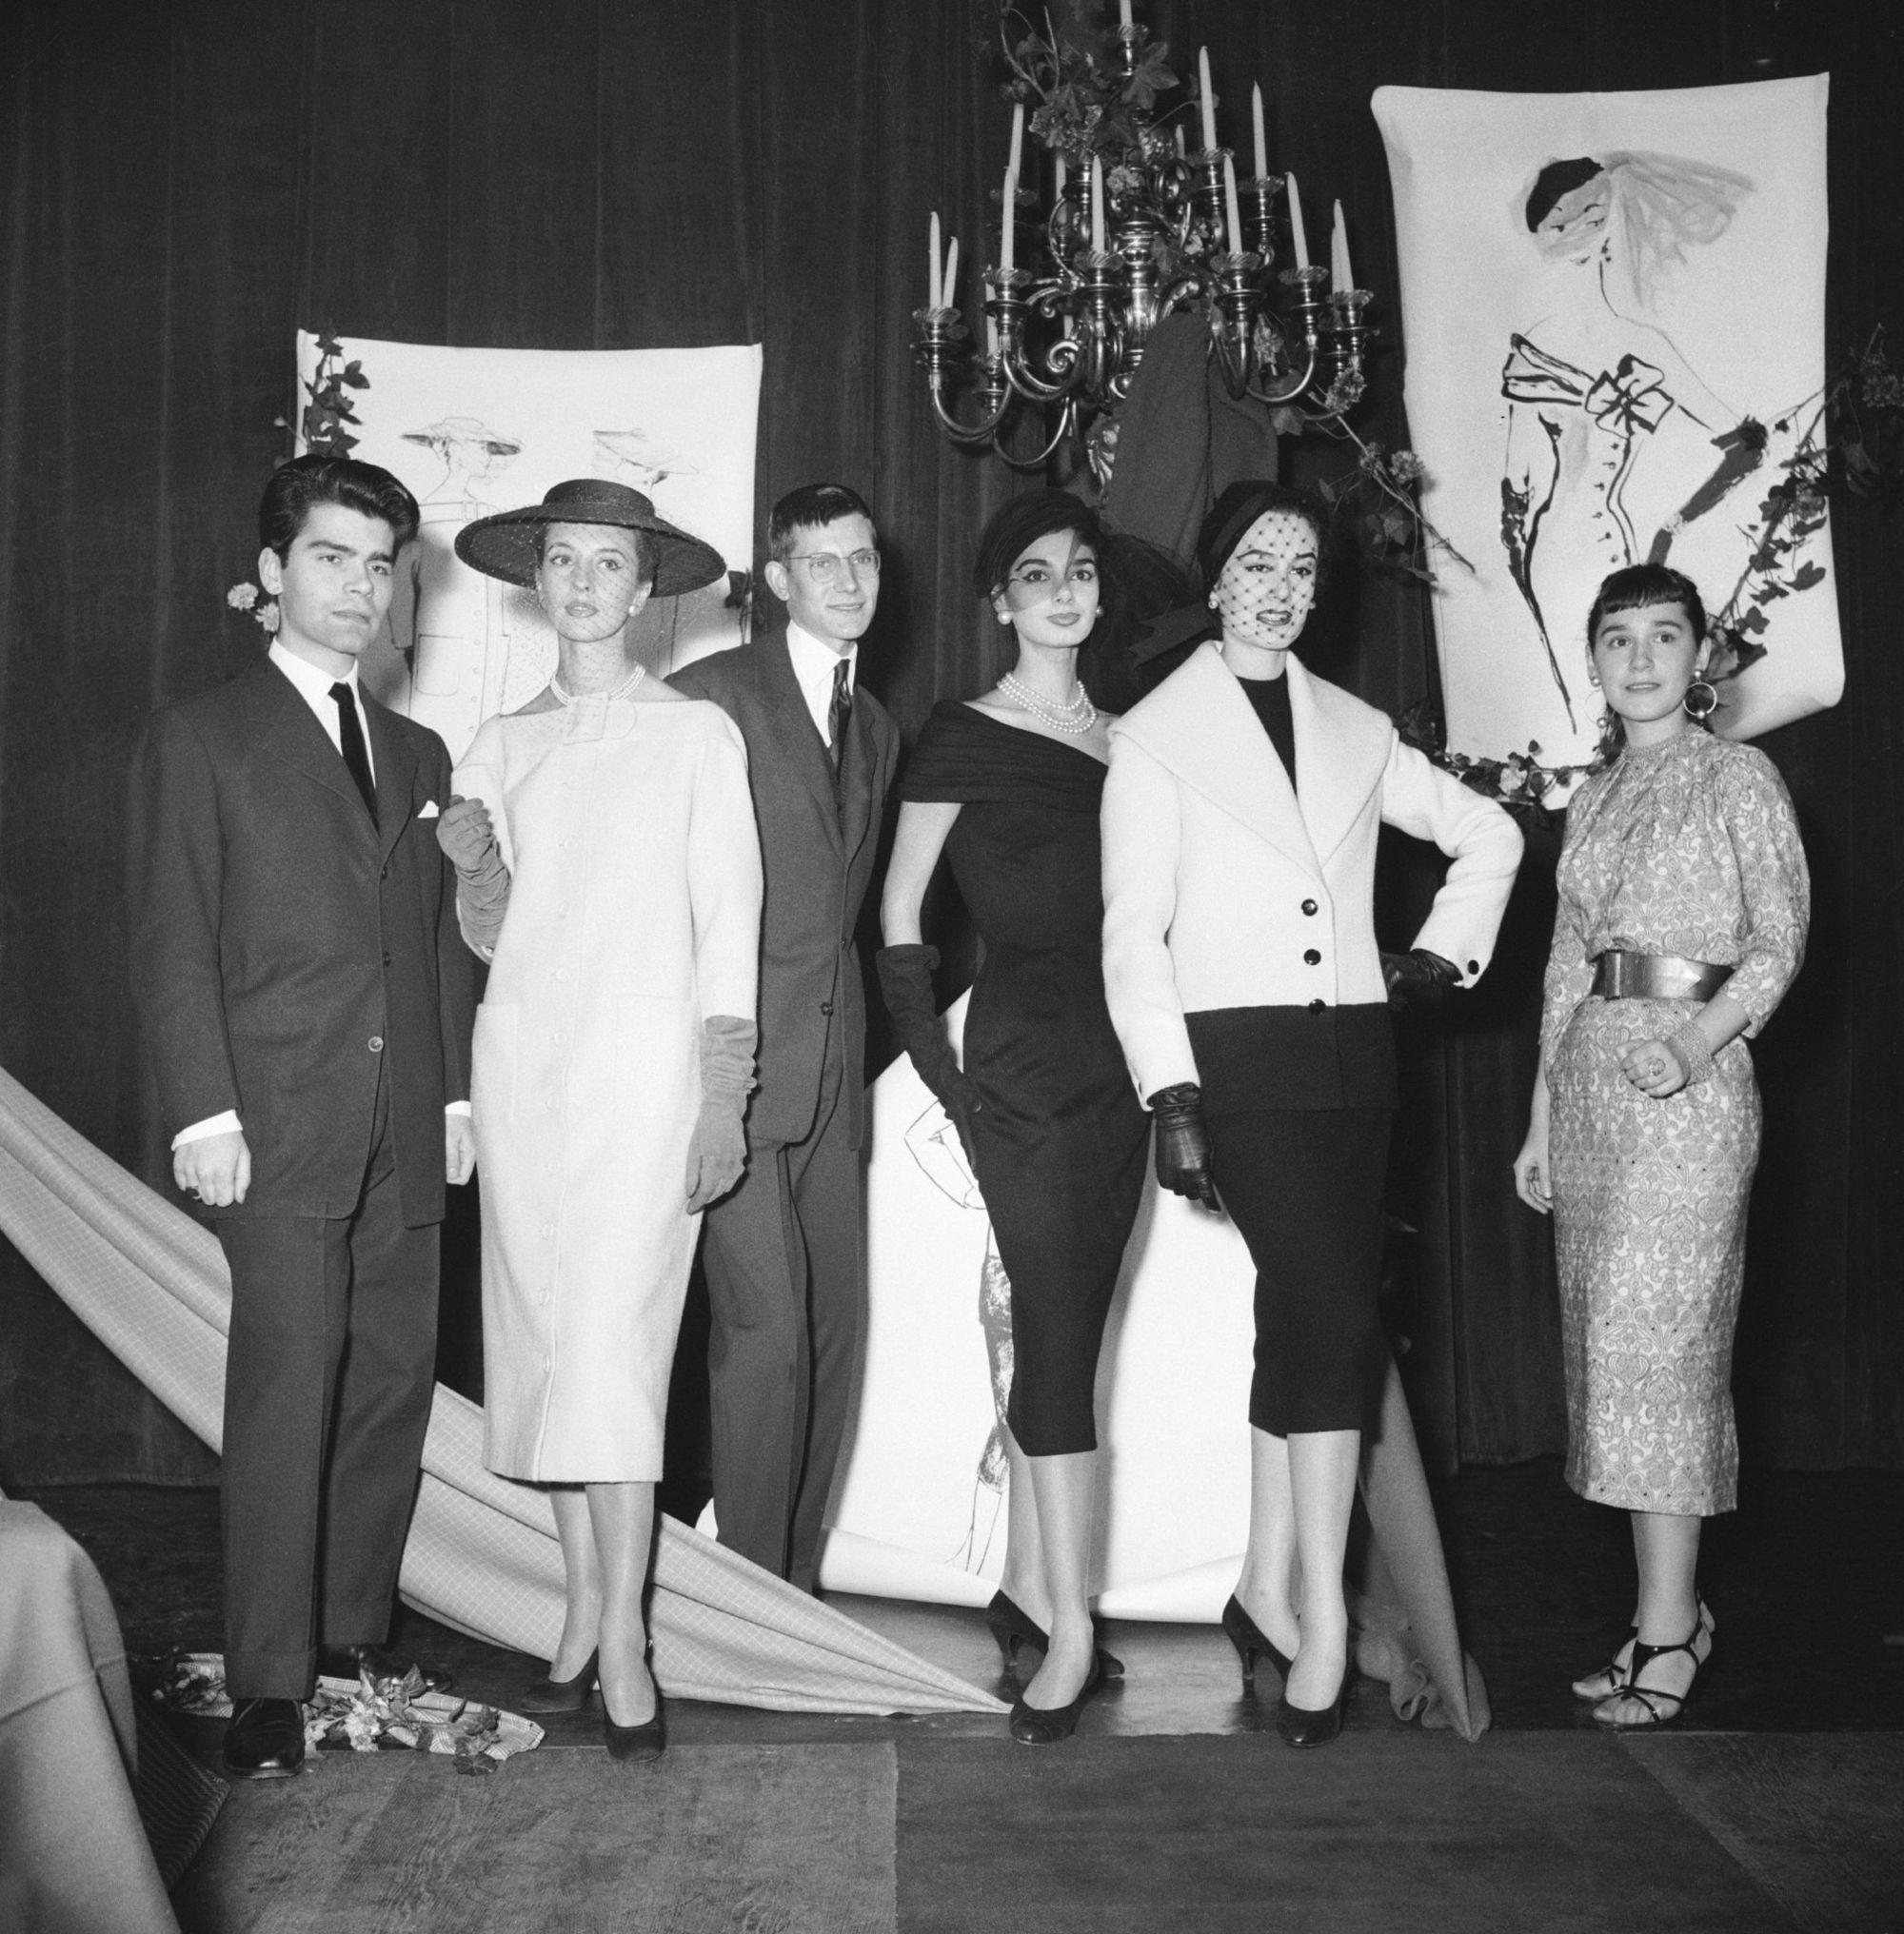 En 1954, Karl Lagerfeld gagne le premier prix du Secrétariat de la laine ex æquo avec Yves Saint Laurent.